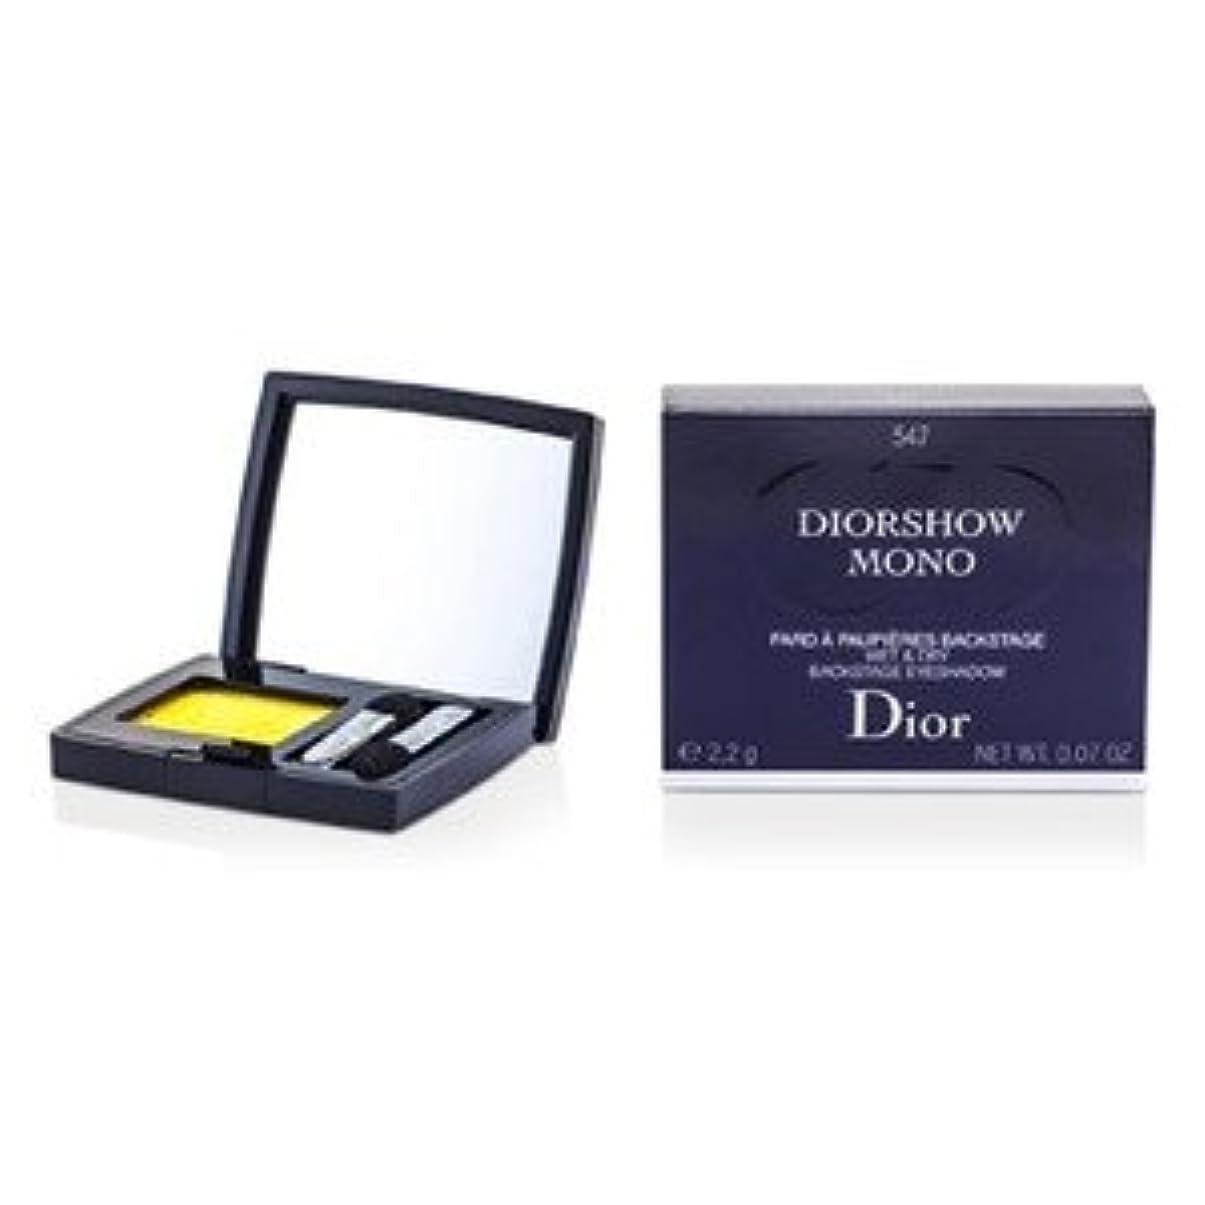 どっちでも武器数学的なDior(ディオール) ディオールスノー モノ ウェット&ドライ バックステージ アイシャドウ #547 Yellow 2.2g/0.07oz [並行輸入品]